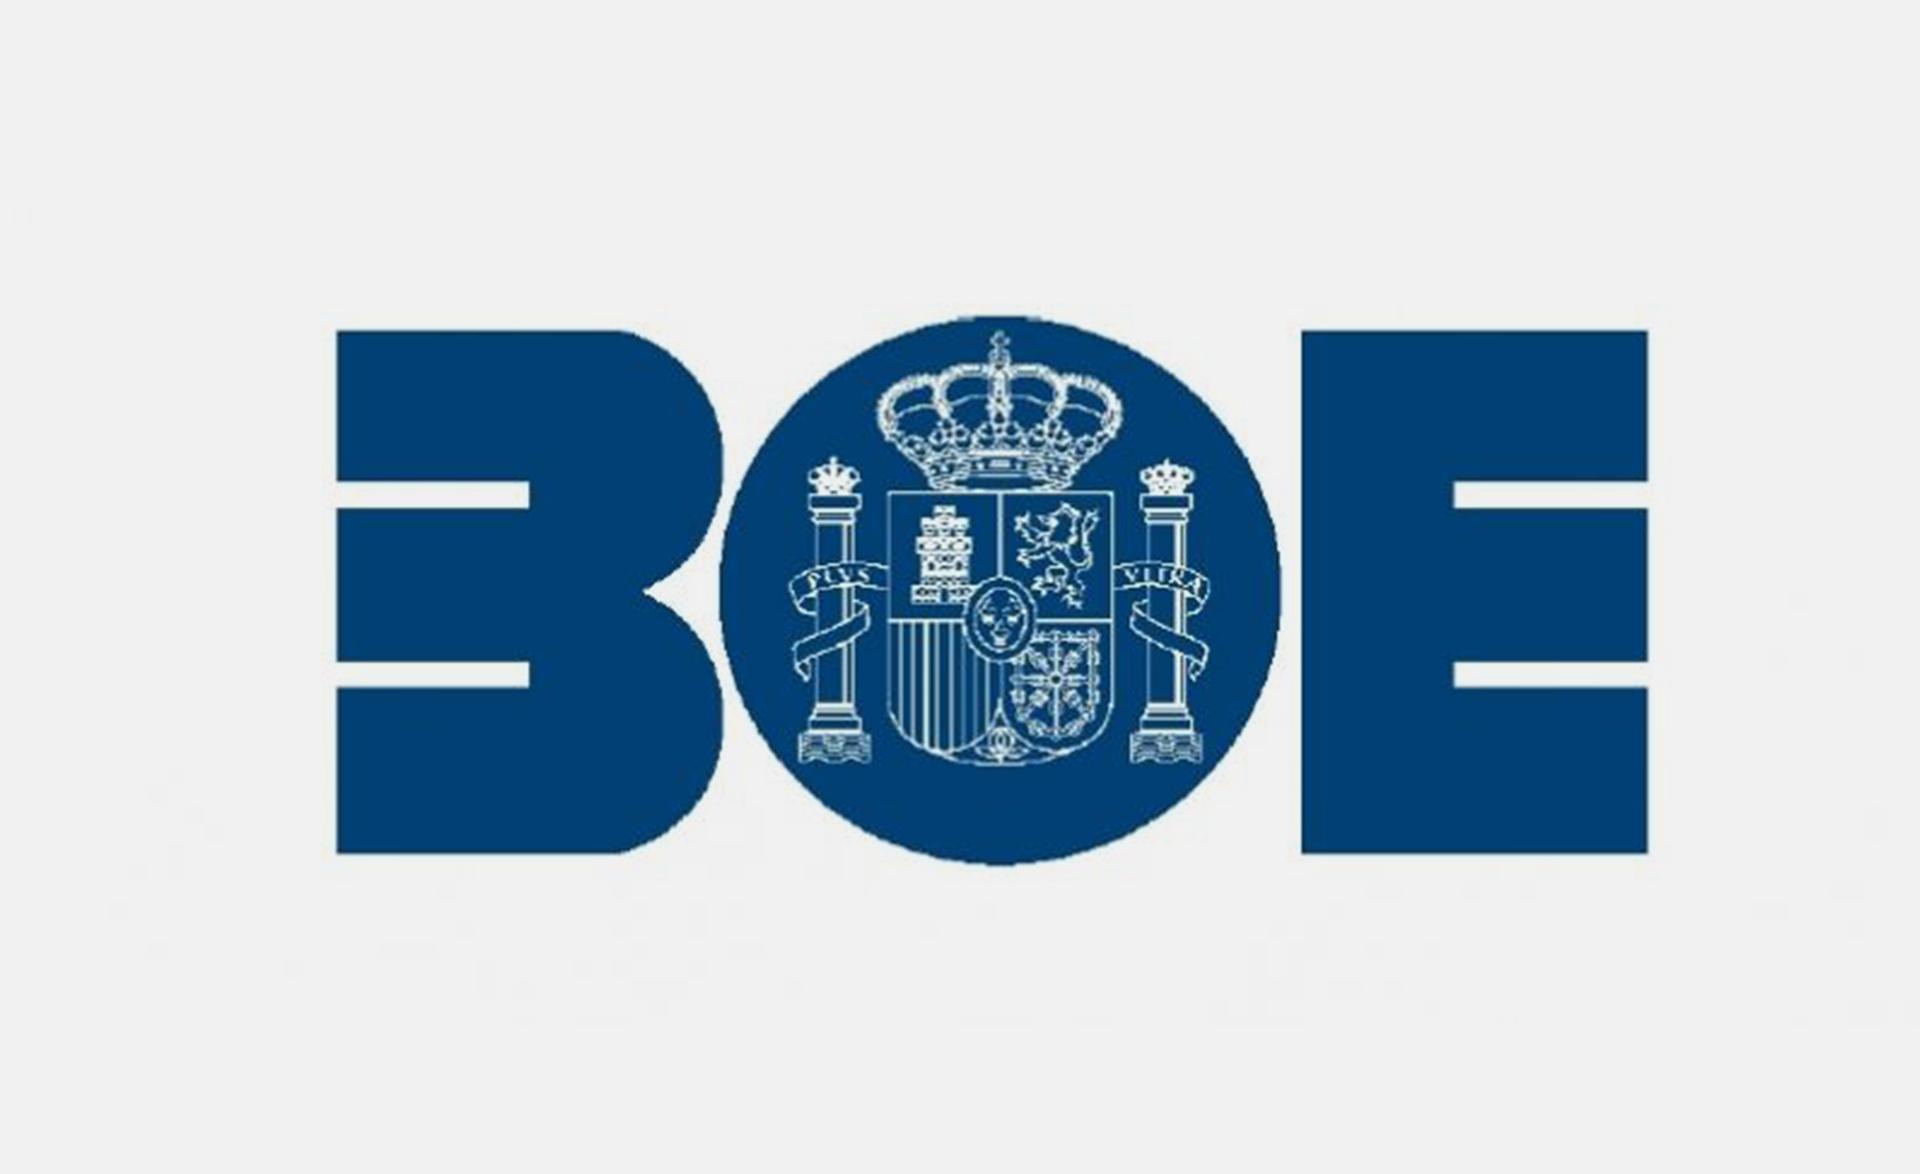 Real Decreto-ley 31/2020, de 29 de septiembre, por el que se adoptan medidas urgentes en el ámbito de la educación no universitaria